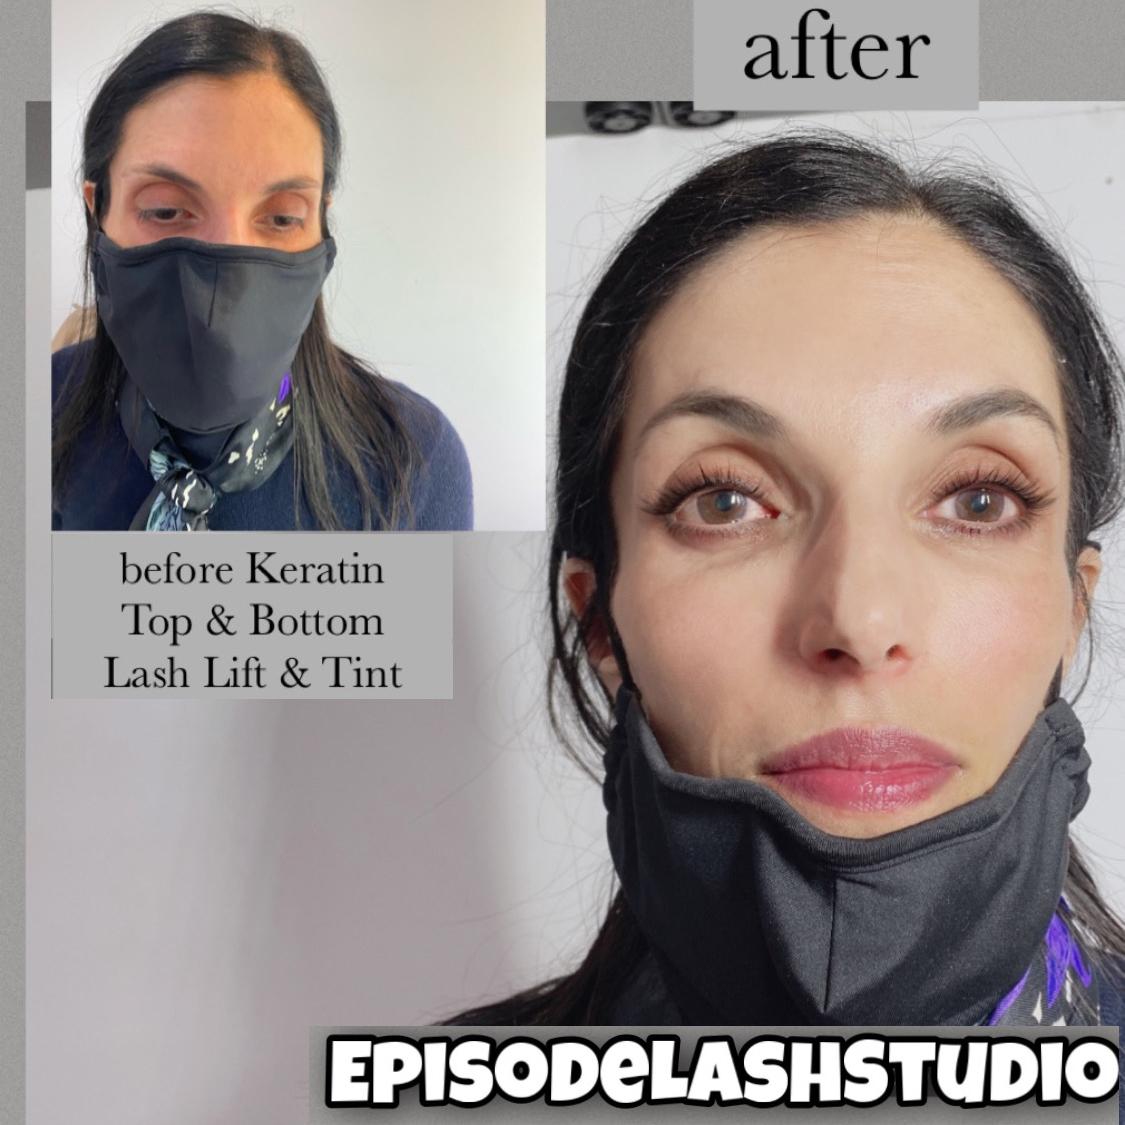 Episode-Lash-Studio-111